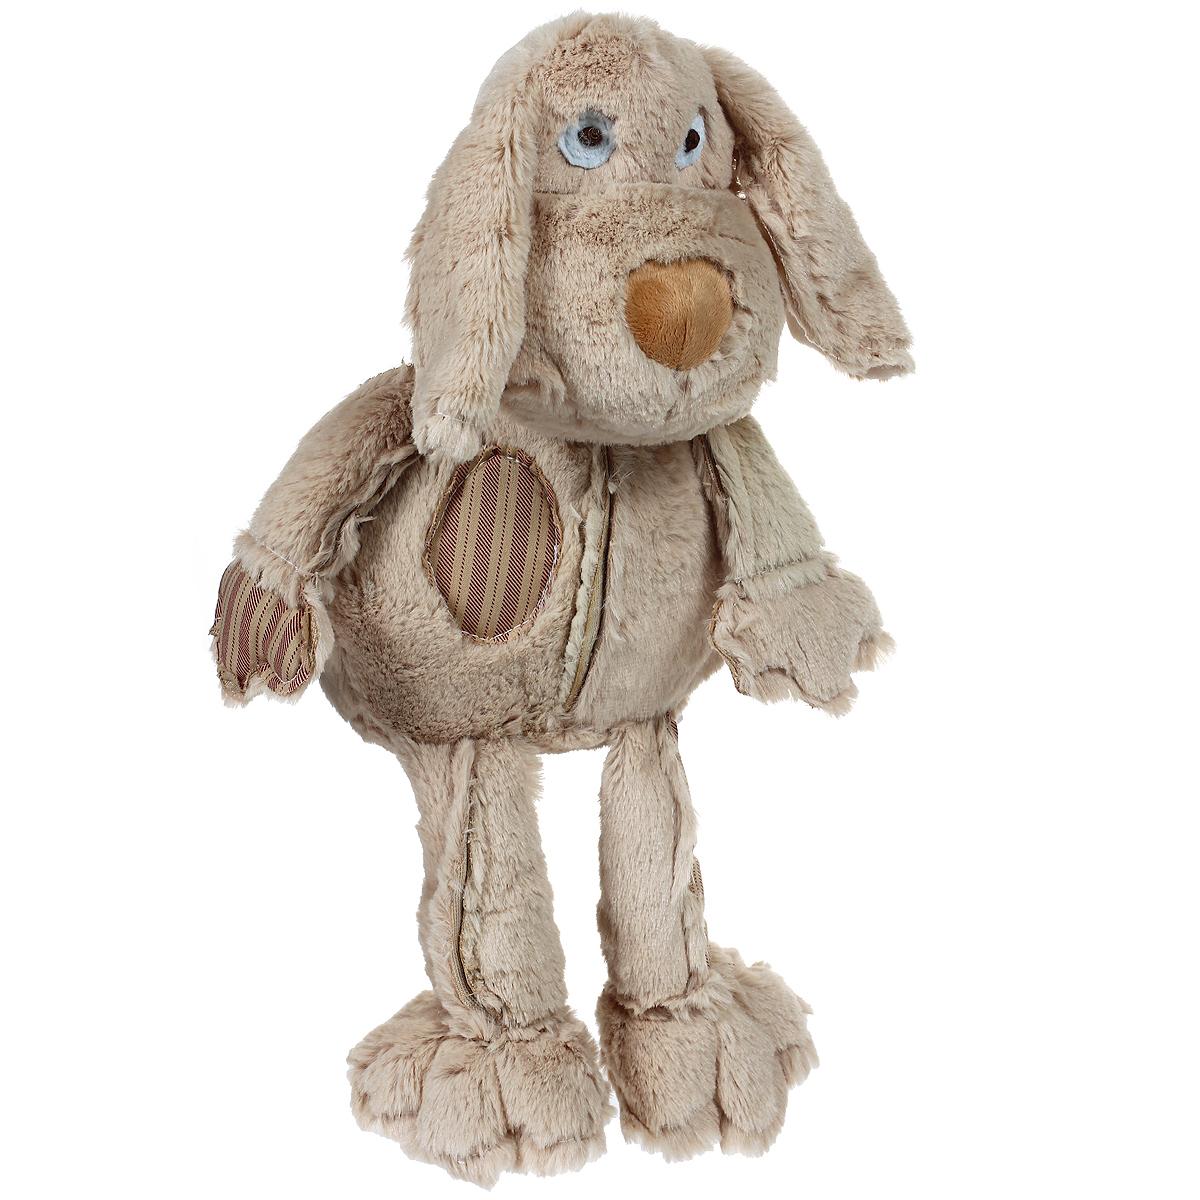 Мягкая игрушка Magic Bear Toys Бежевая собака, 26 смJC-60475-CОчаровательная мягкая игрушка Magic Bear Toys Бежевая собака вызовет умиление и улыбку у каждого, кто ее увидит. Она выполнена из мягкого плюша, искусственного меха и текстильного материала в виде забавной собачки с длинными ушками и является частью коллекции молодого дизайнера Джеки Чиноко. Удивительно мягкая игрушка принесет радость и подарит своему обладателю мгновения нежных объятий и приятных воспоминаний. Дизайнерская игрушка приятно удивит вас оригинальностью идеи и высоким качеством исполнения. Она станет отличным подарком для детей и взрослых.